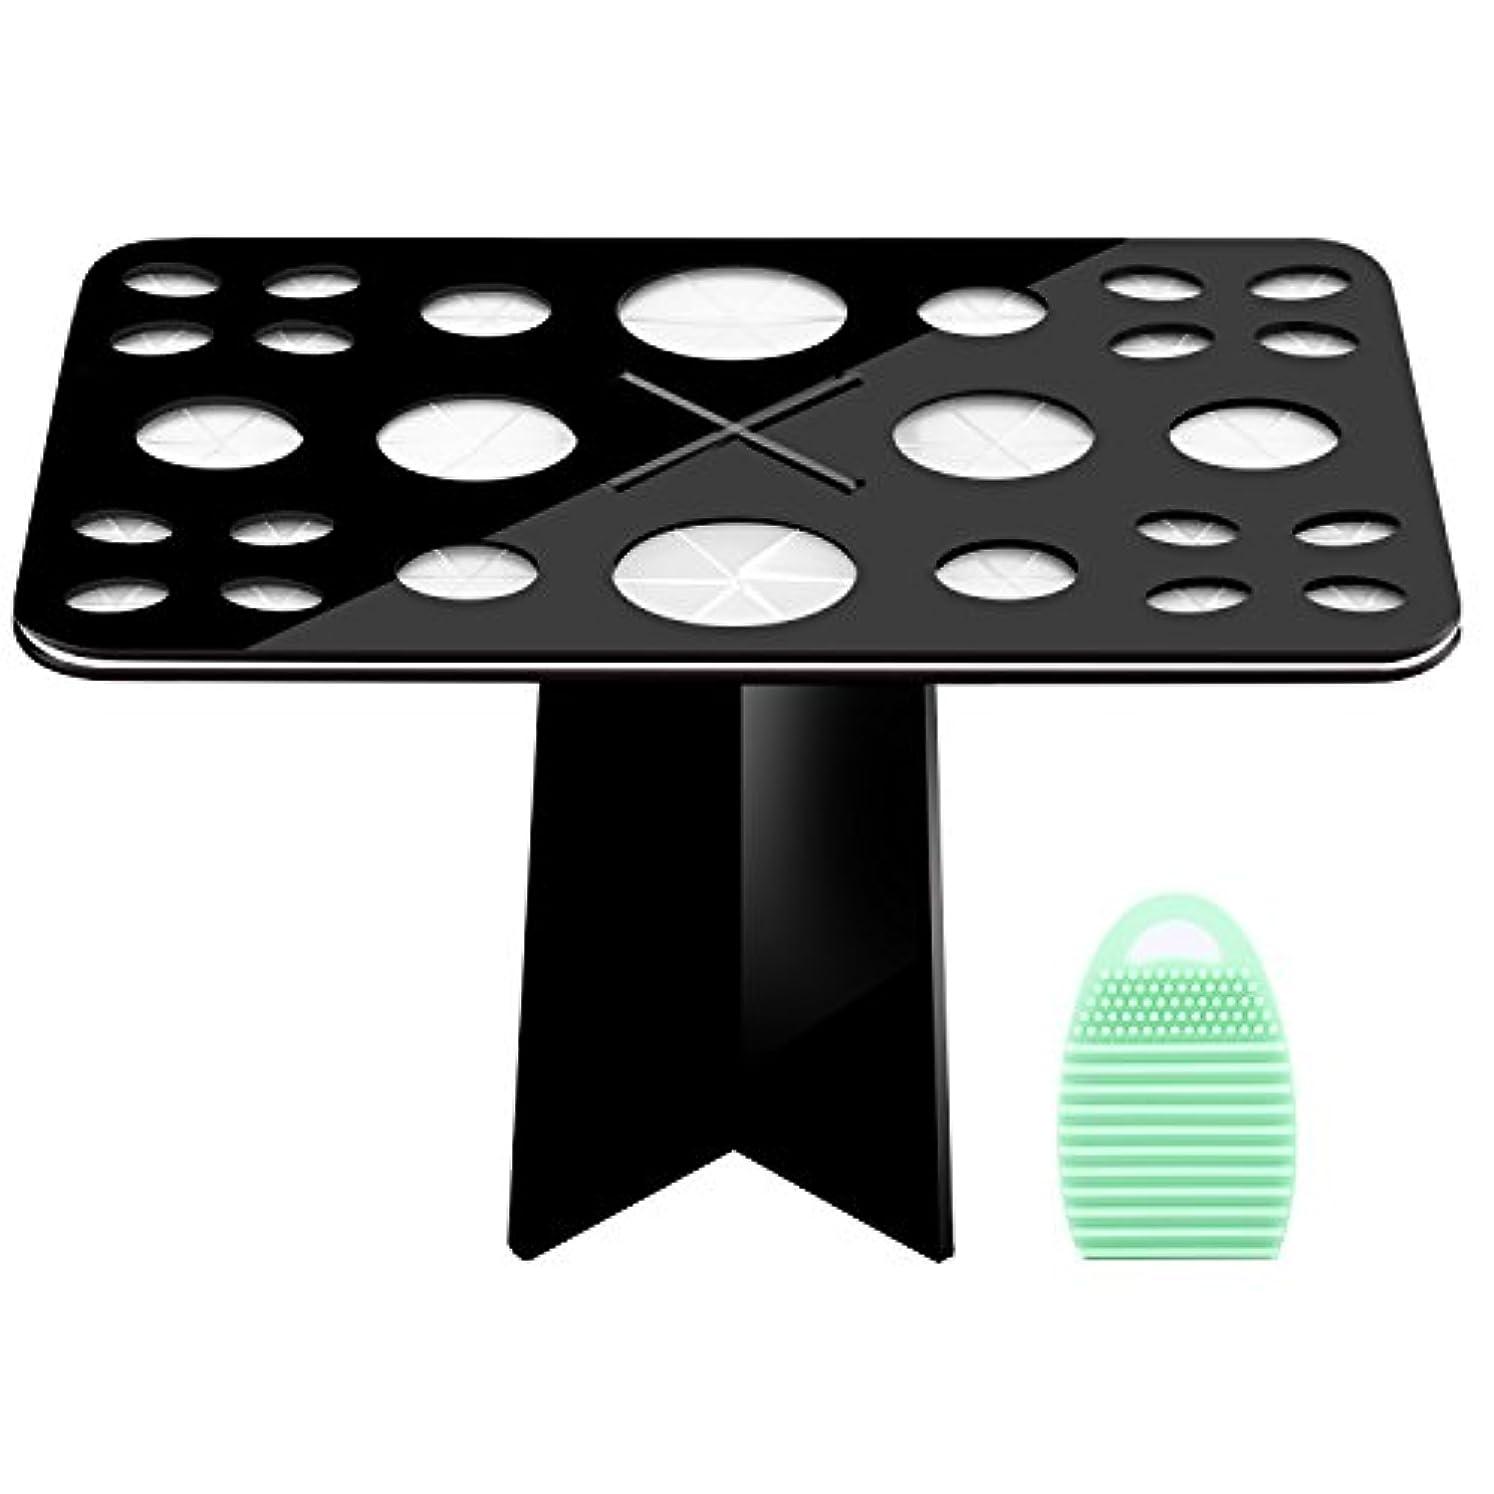 拒絶記念碑邪悪なメイクブラシスタンド+メイクブラシクリーナーセット - Luxspire コスメホルダー 小型軽量の洗濯板 ブラシ洗濯とブラシ乾かすのに最適